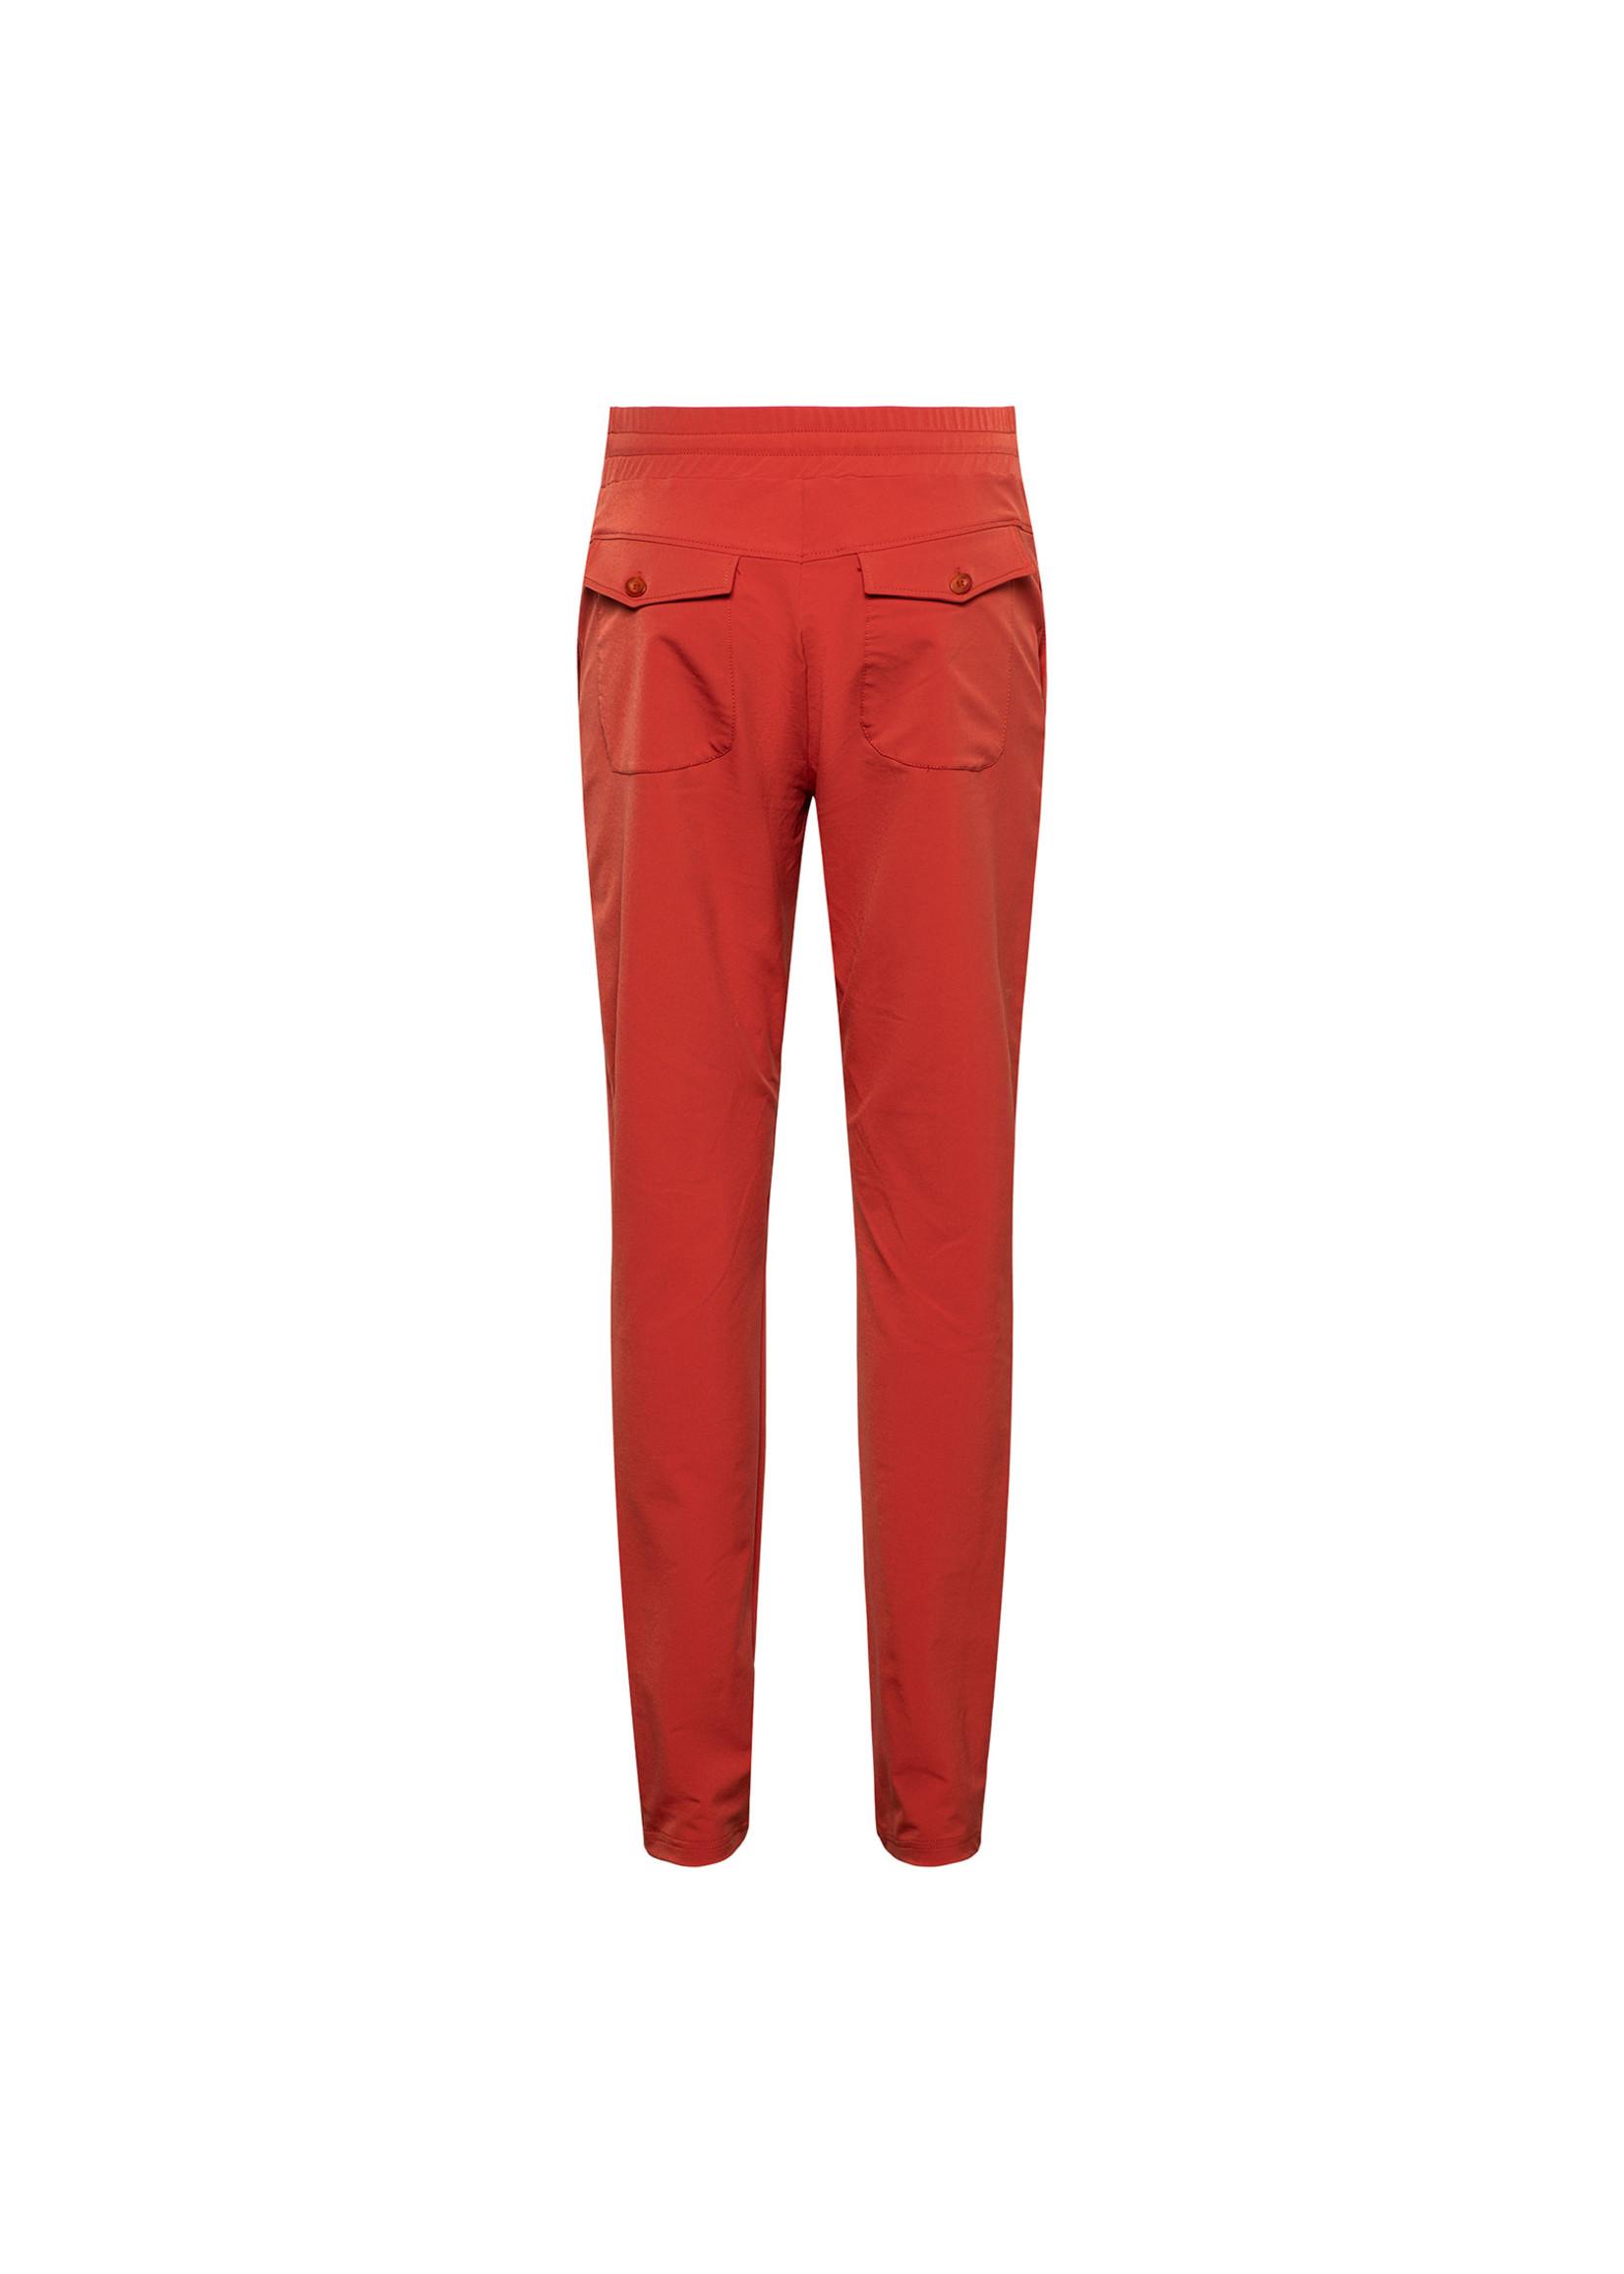 &Co Women penny pants (terra)